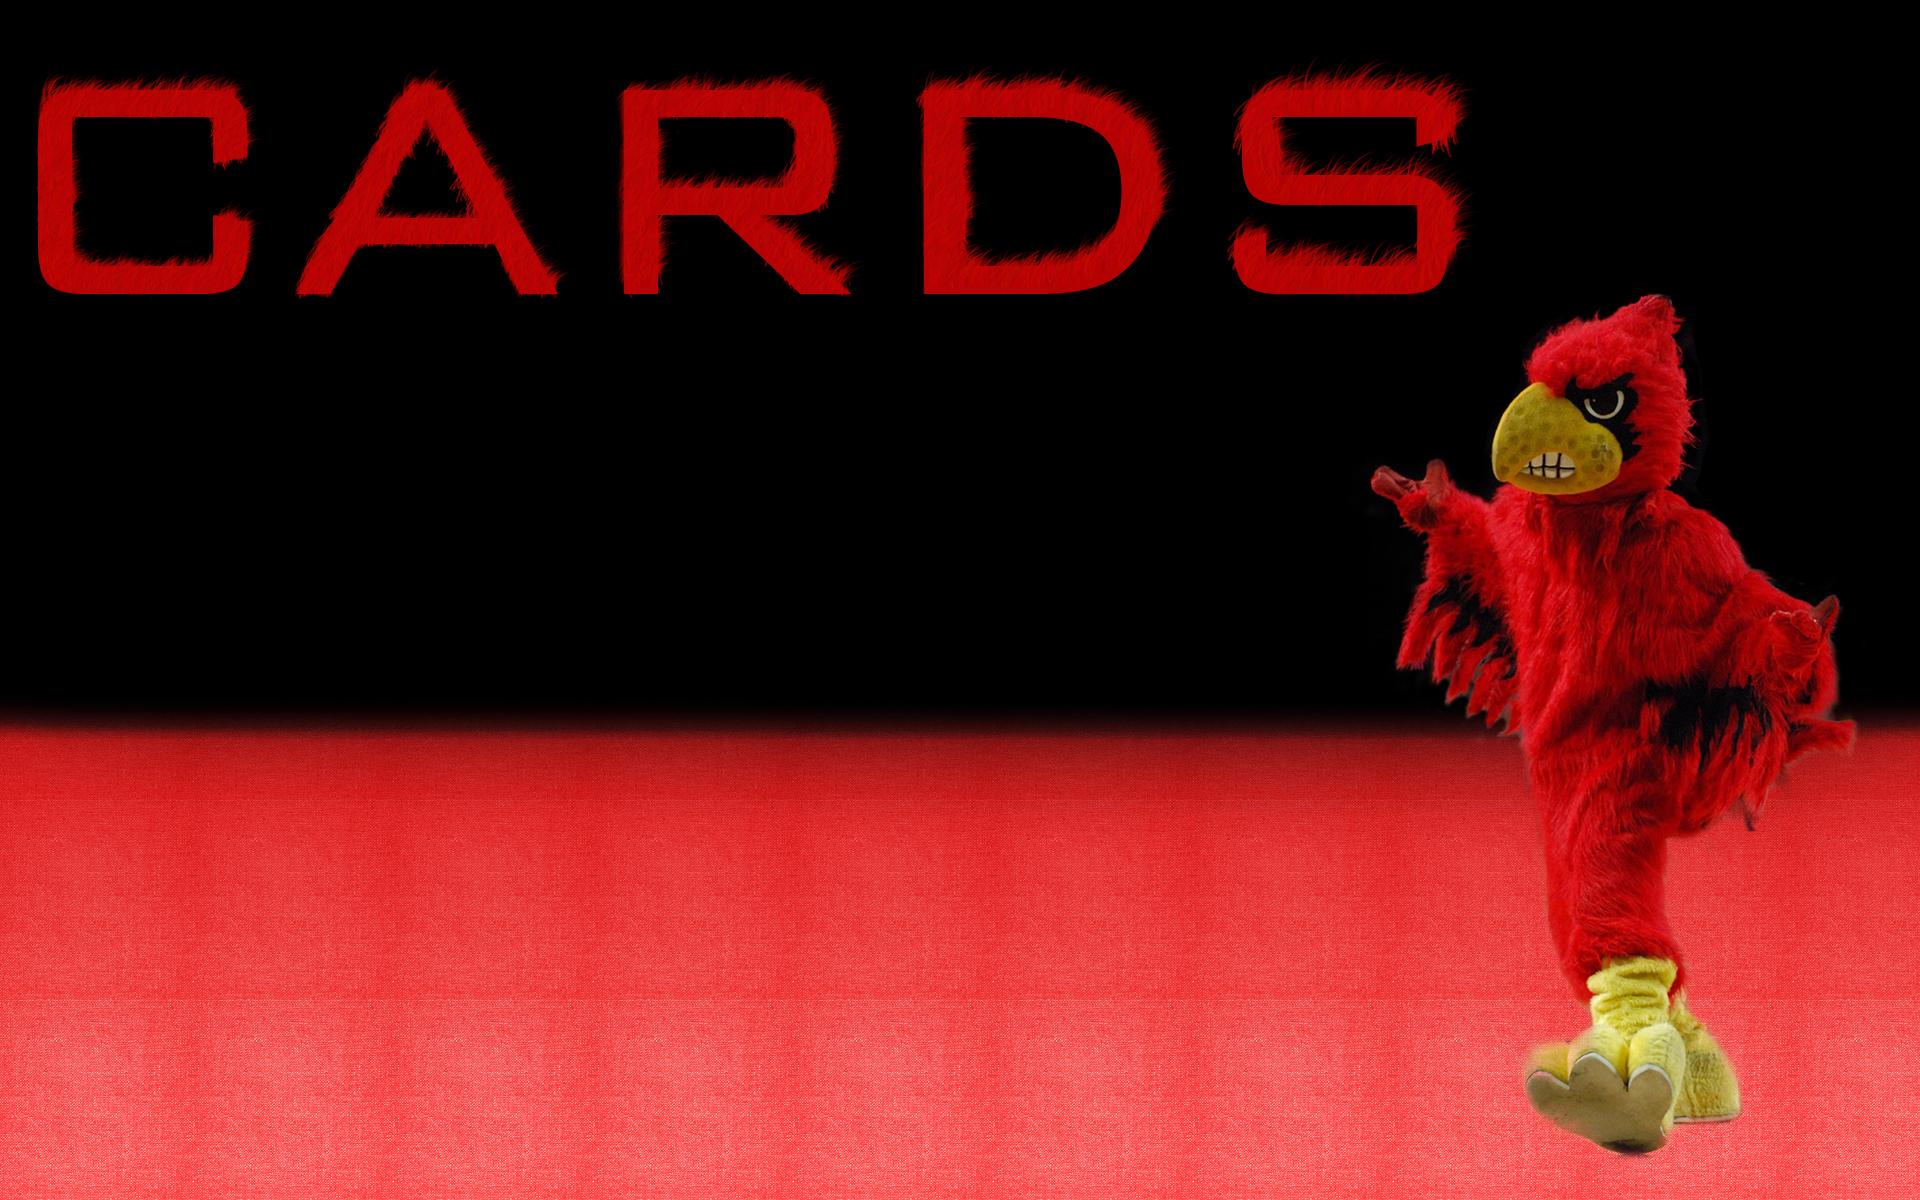 louisville cardinals wallpaper 434911